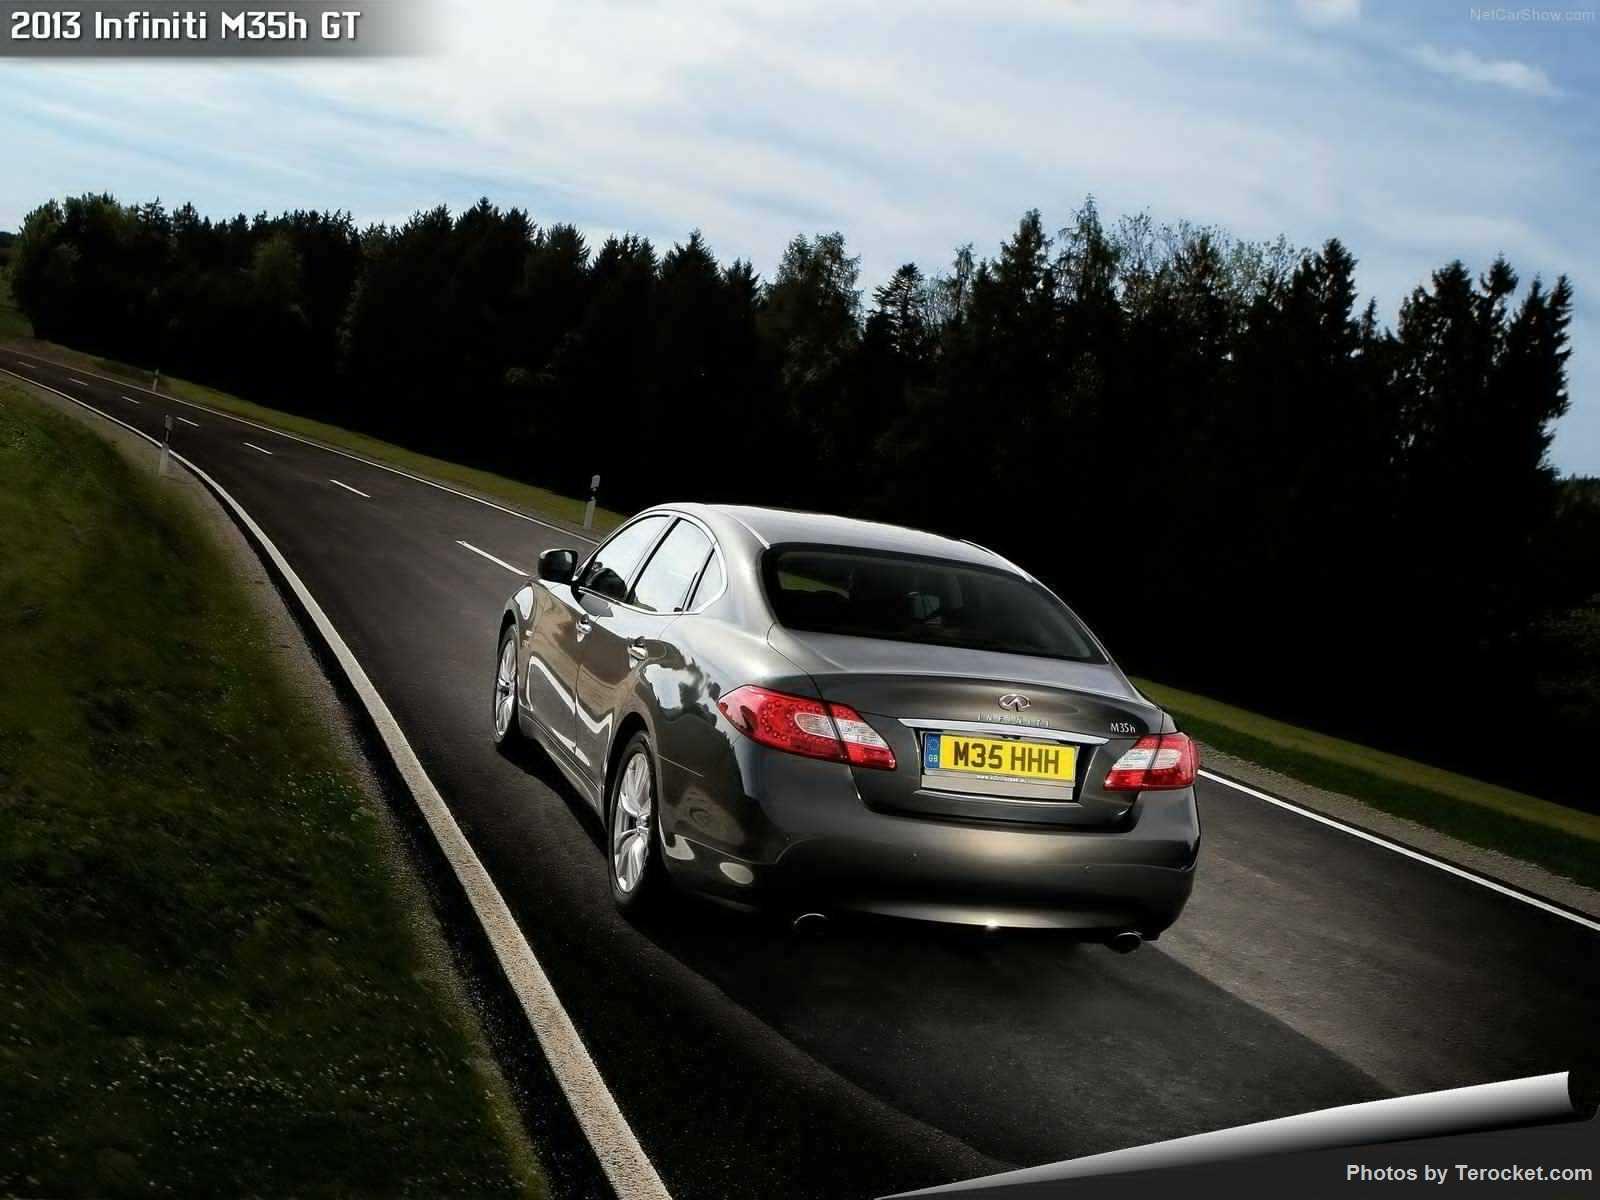 Hình ảnh xe ô tô Infiniti M35h GT 2013 & nội ngoại thất